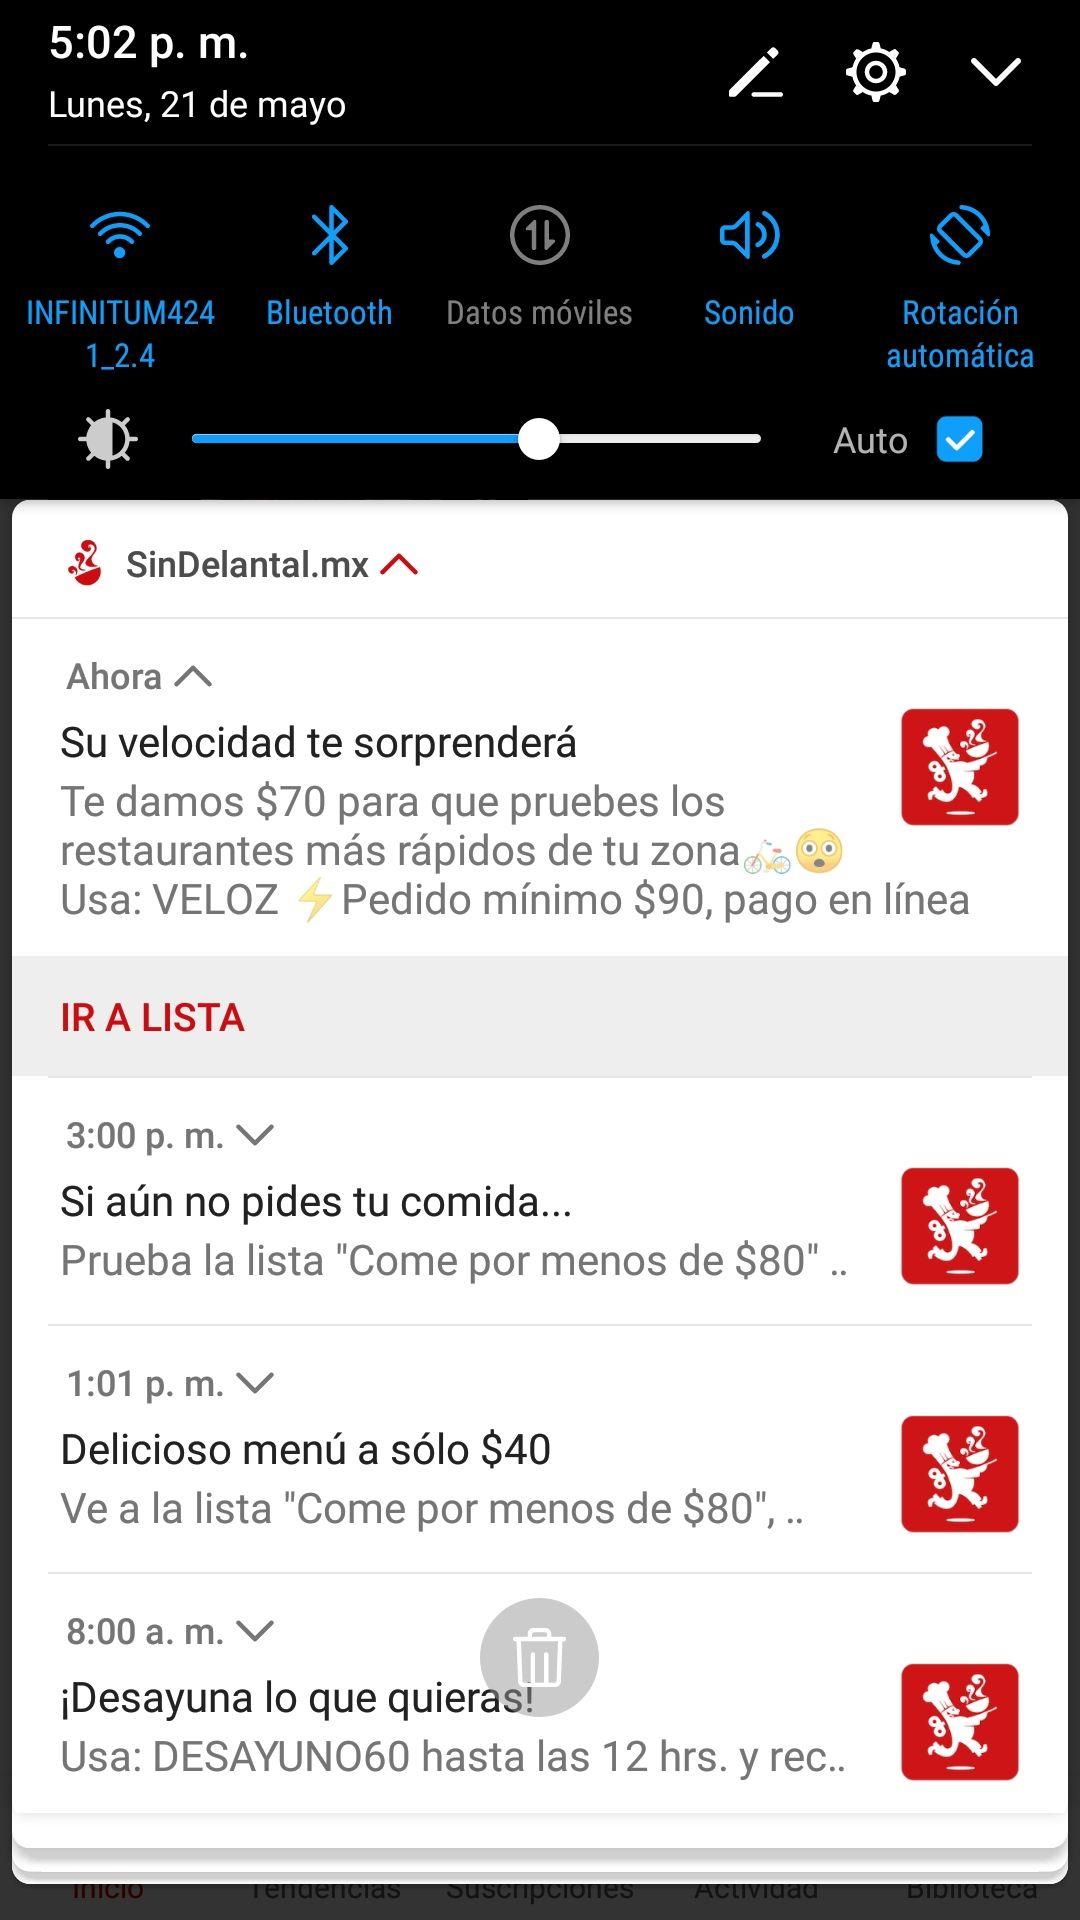 SinDelantal: Cupón $70 de descuento en pedido mínimo de $90